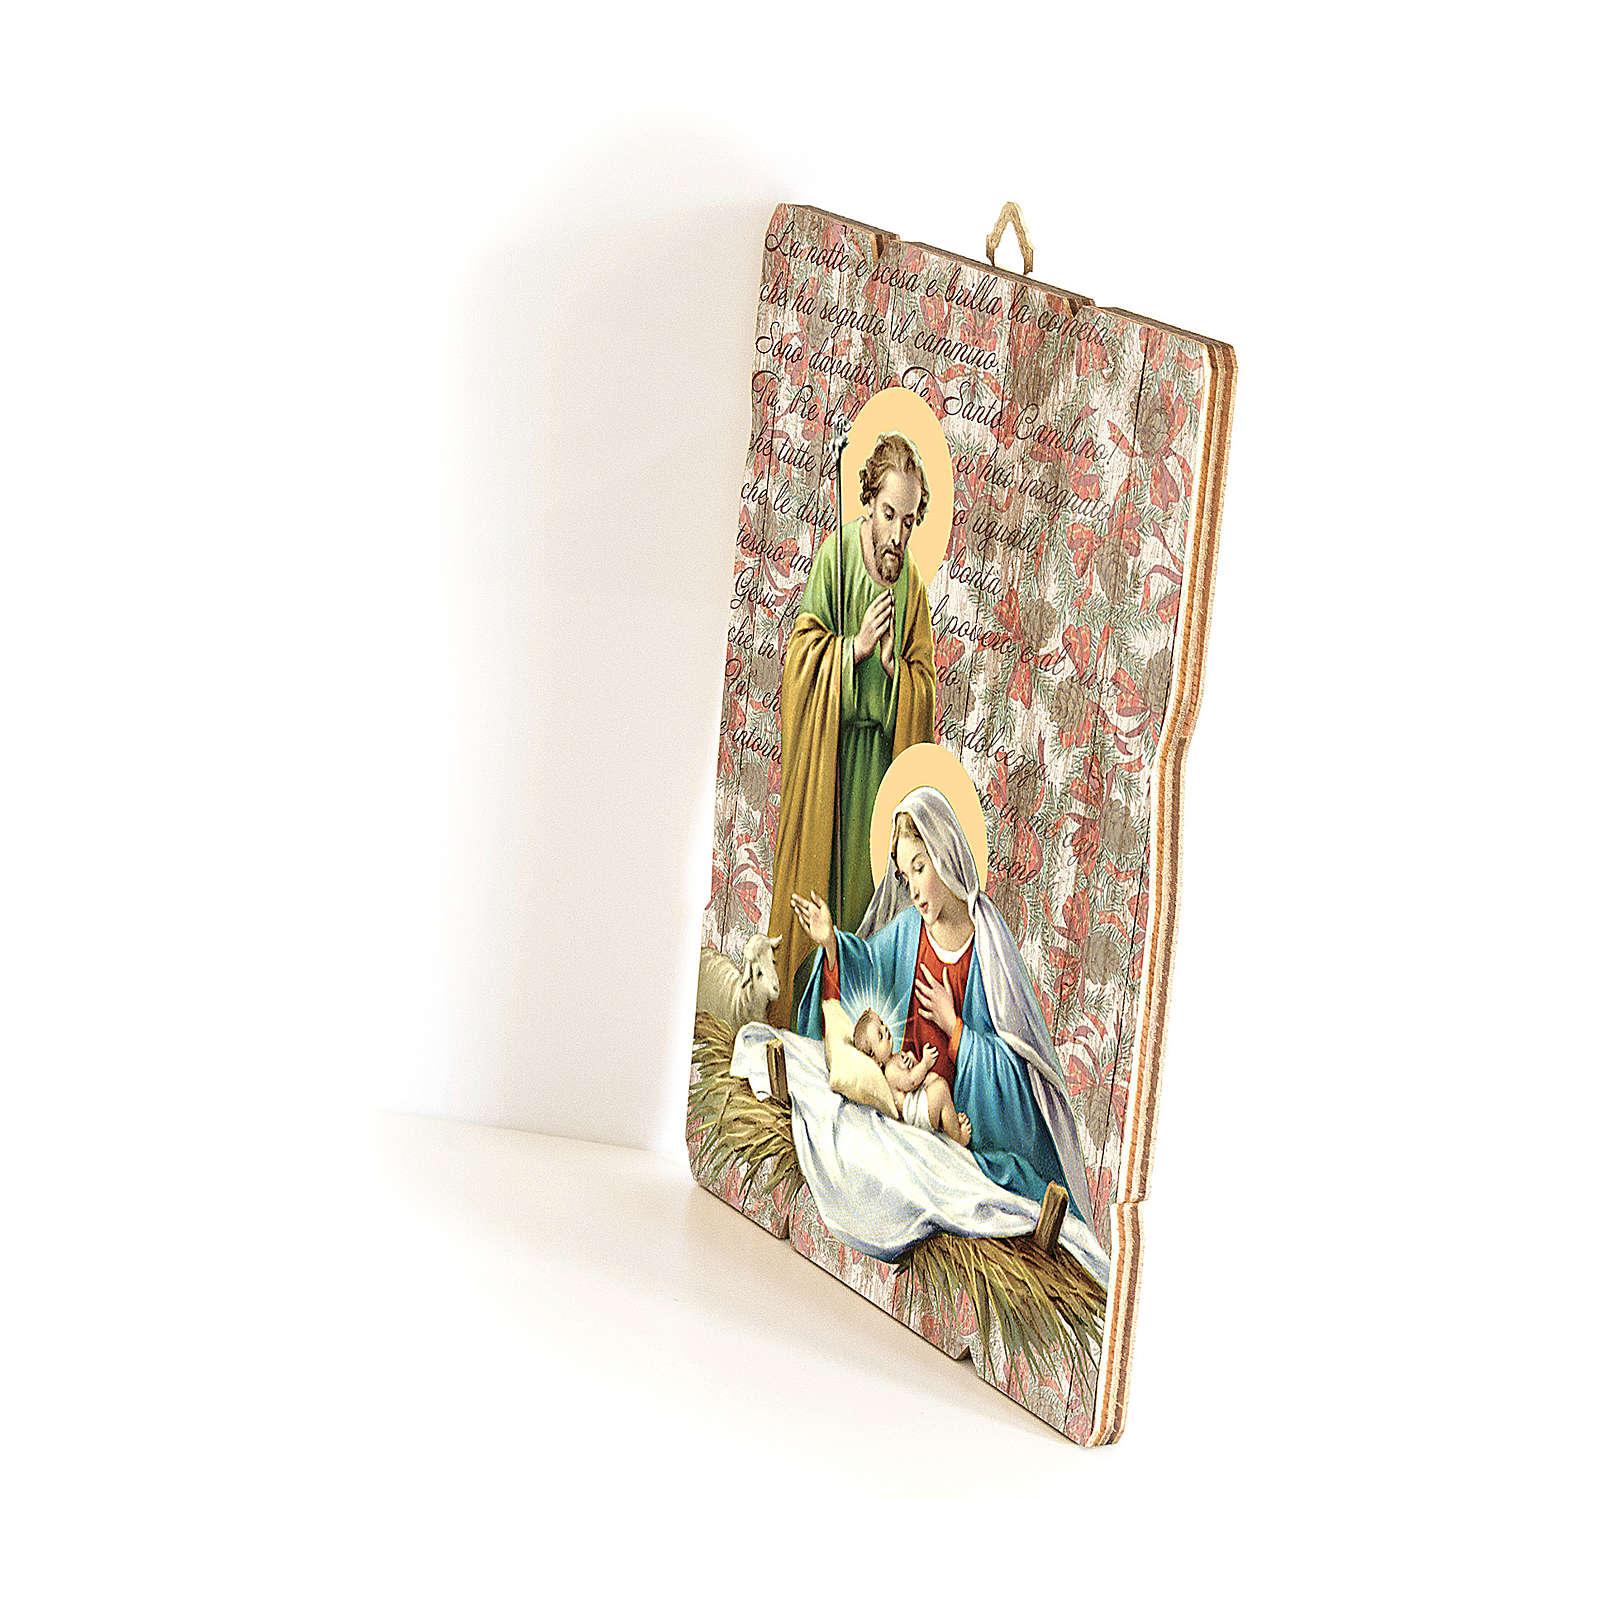 Cuadro de Madera Perfilada gancho parte posterior Natividad 35x30 3